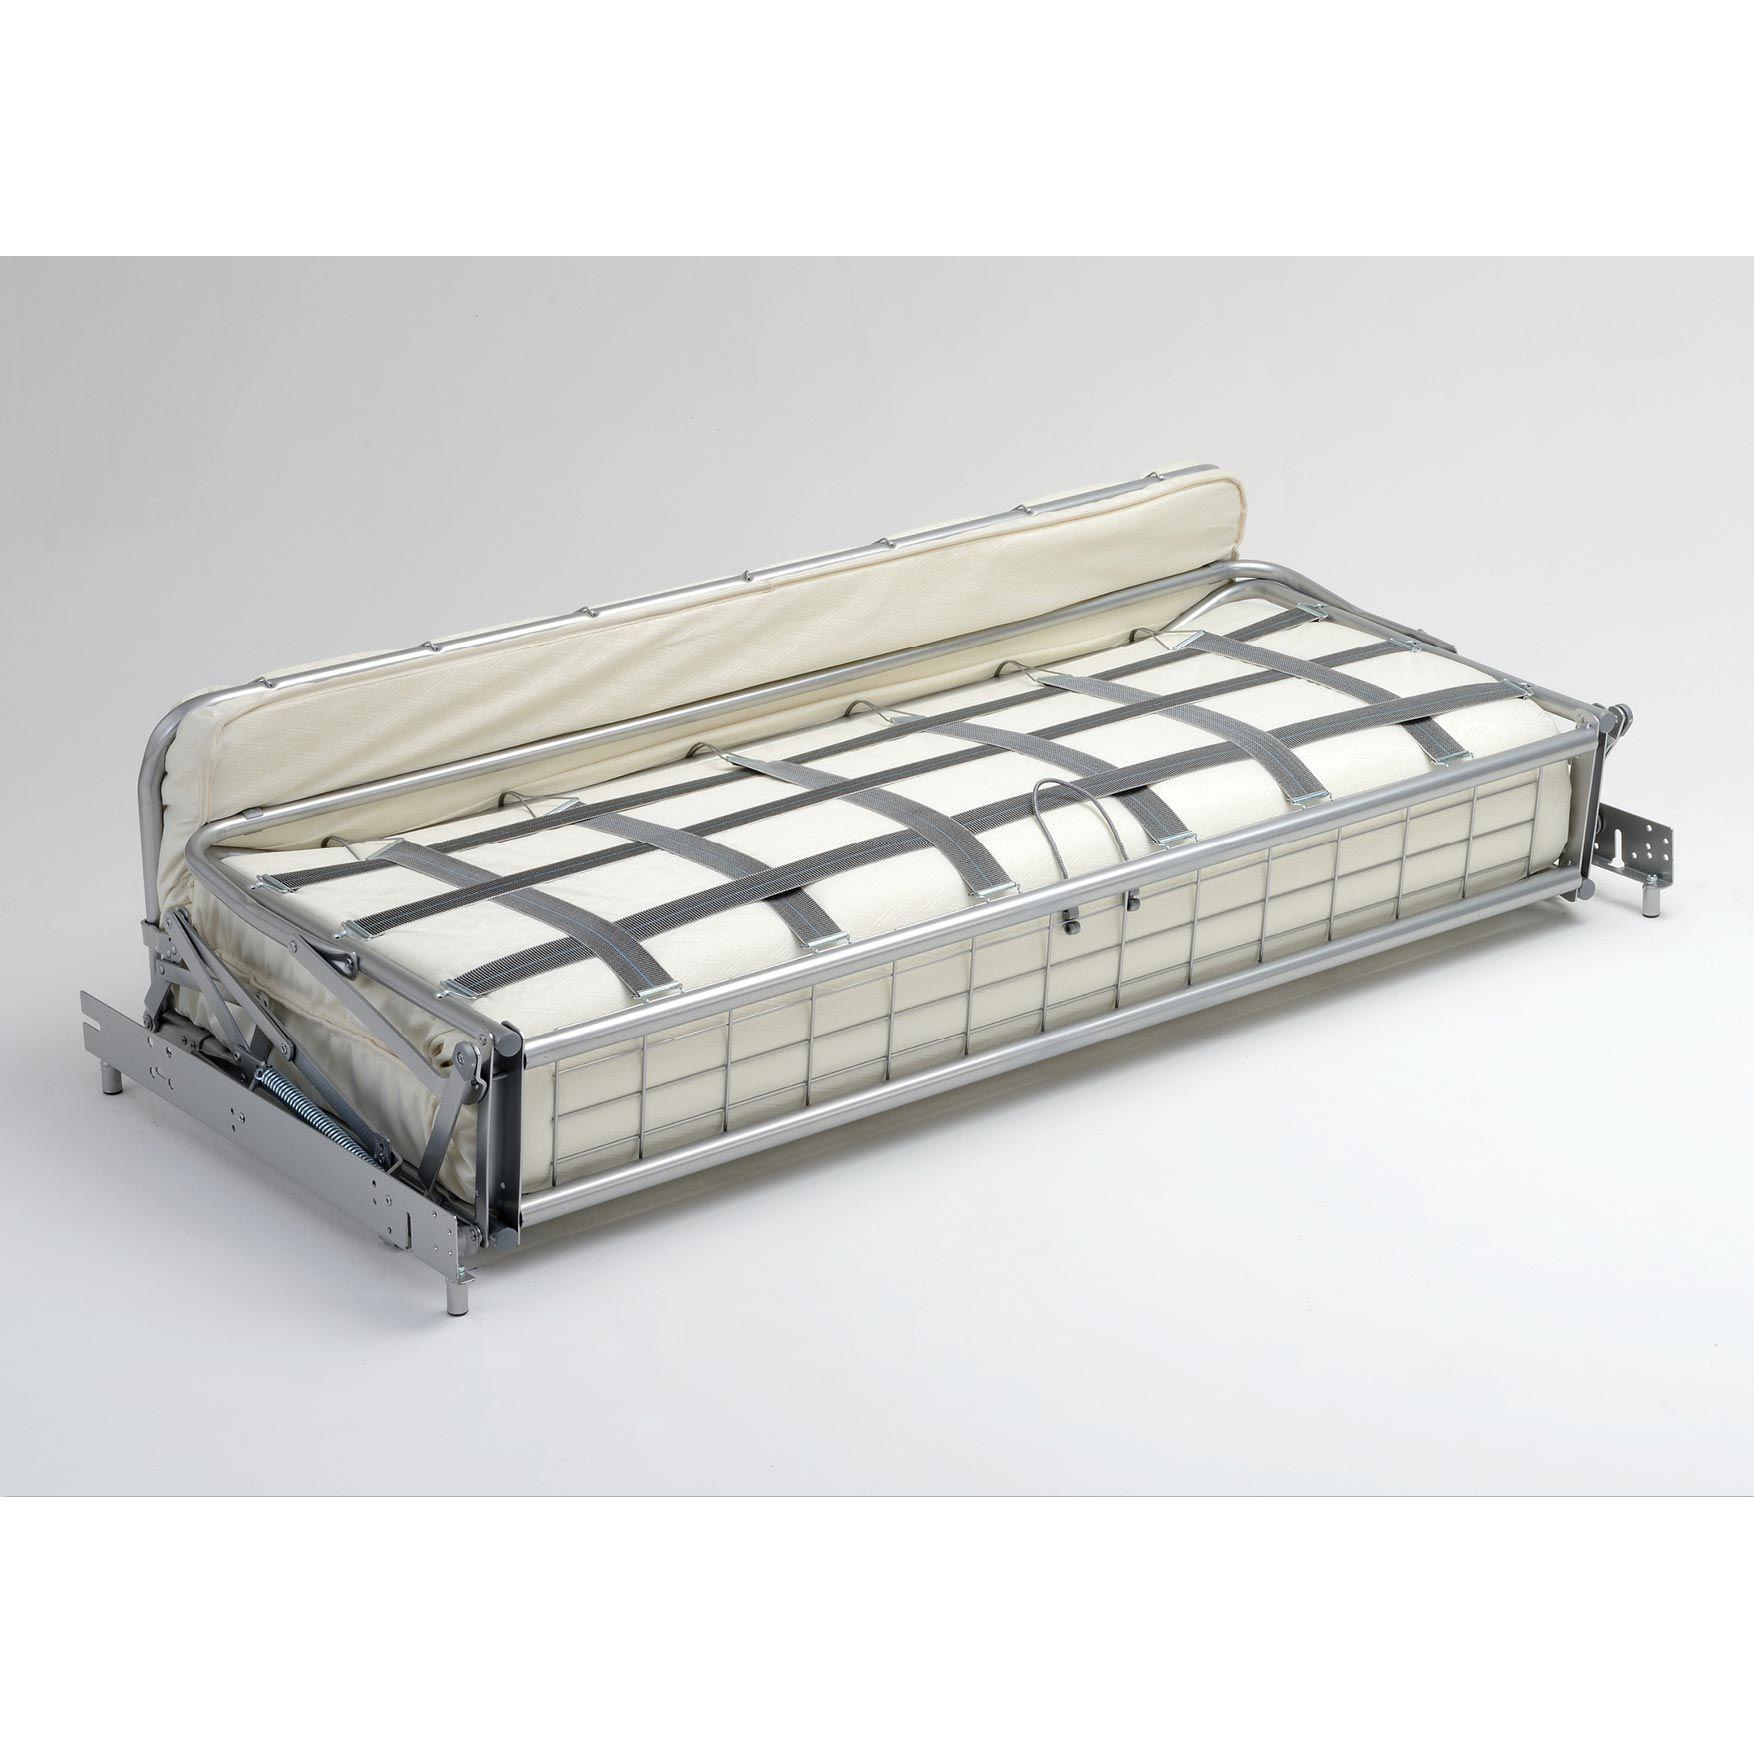 Reti materassi e trasformabili reti per divano letto for Divano letto 190 cm